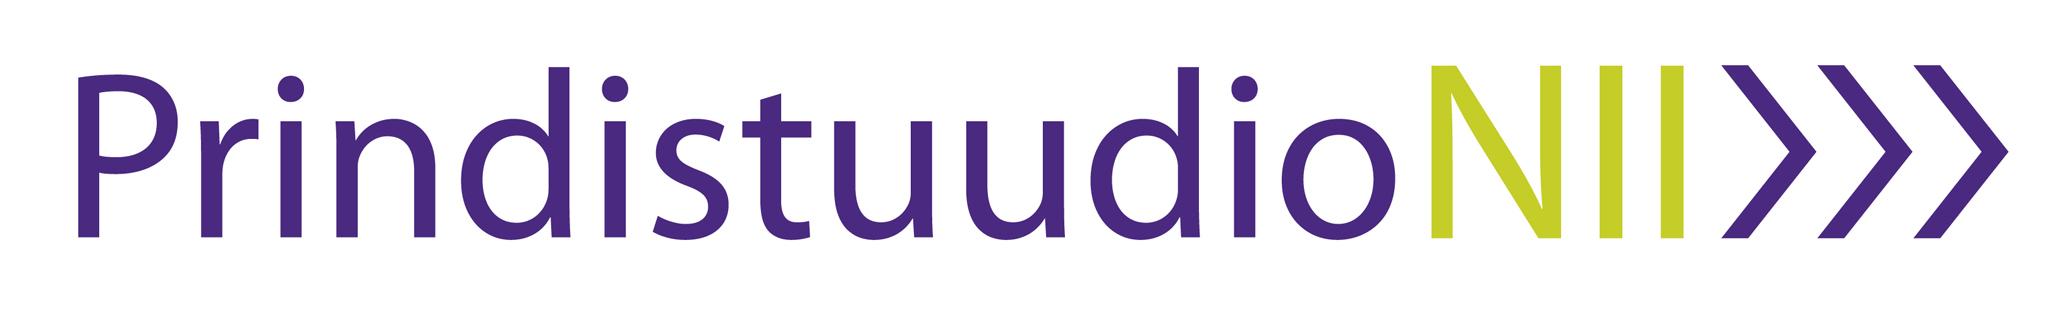 prindistuudio logo